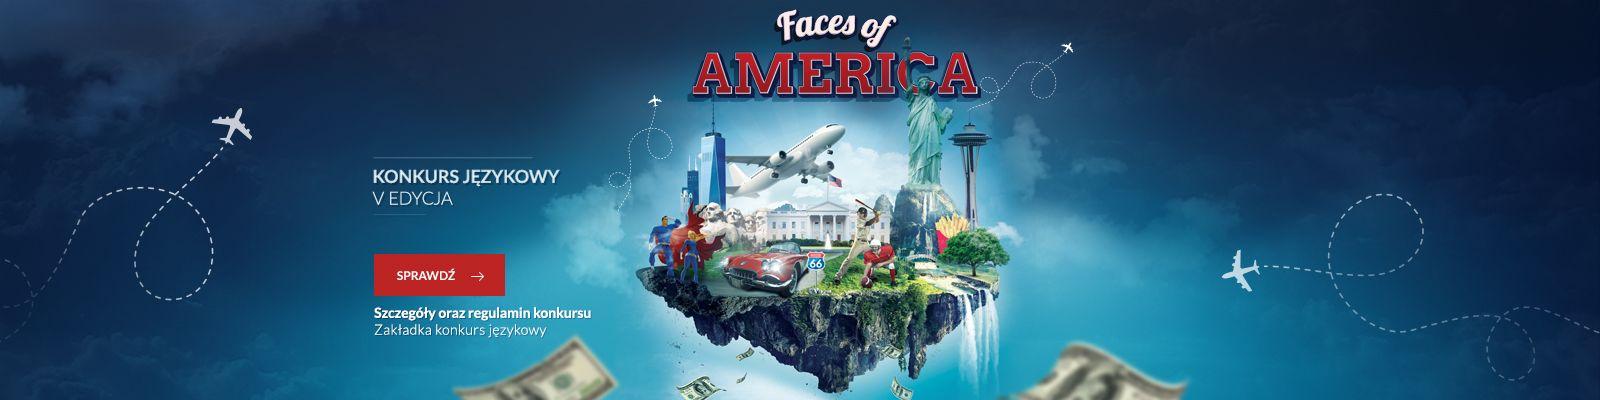 Faces of America - weź udział w konkursie!